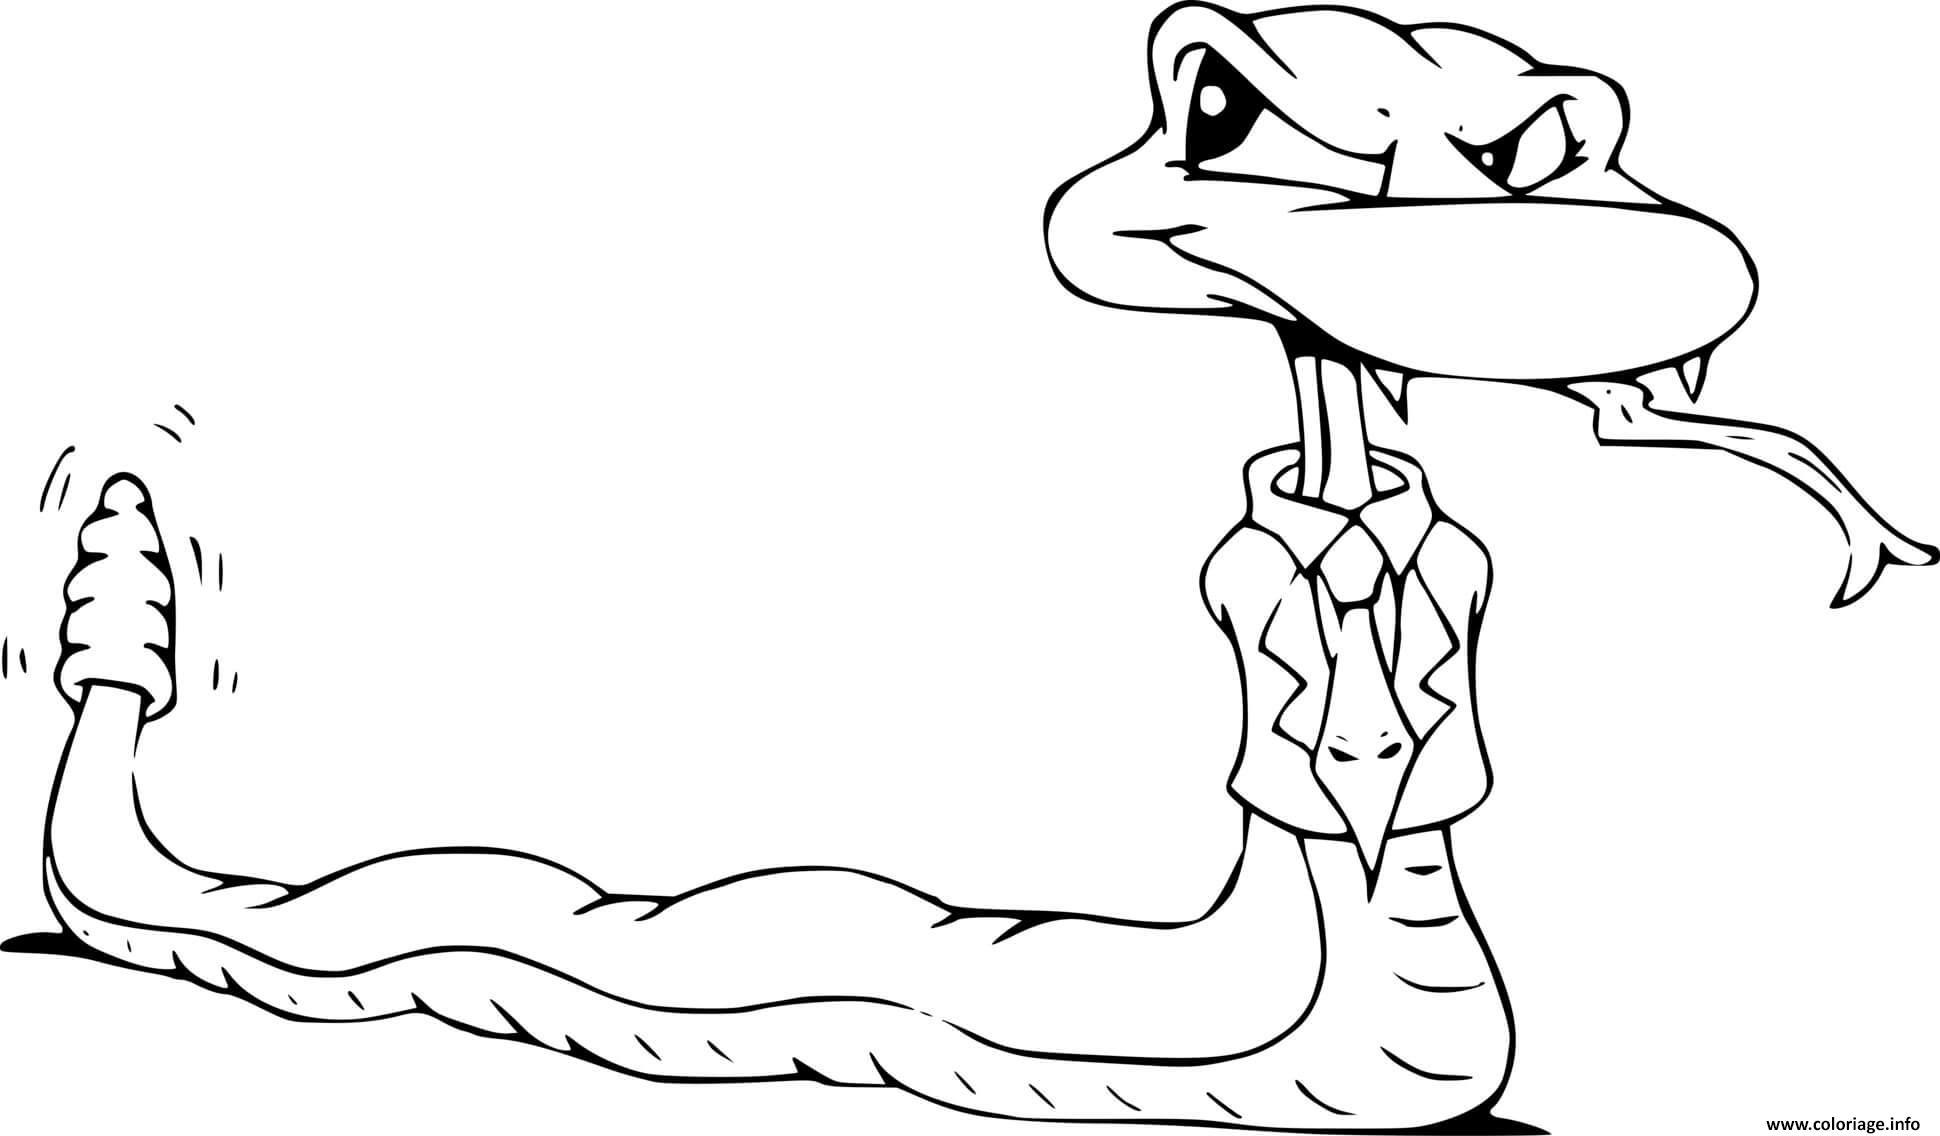 Dessin serpent avec cravate Coloriage Gratuit à Imprimer